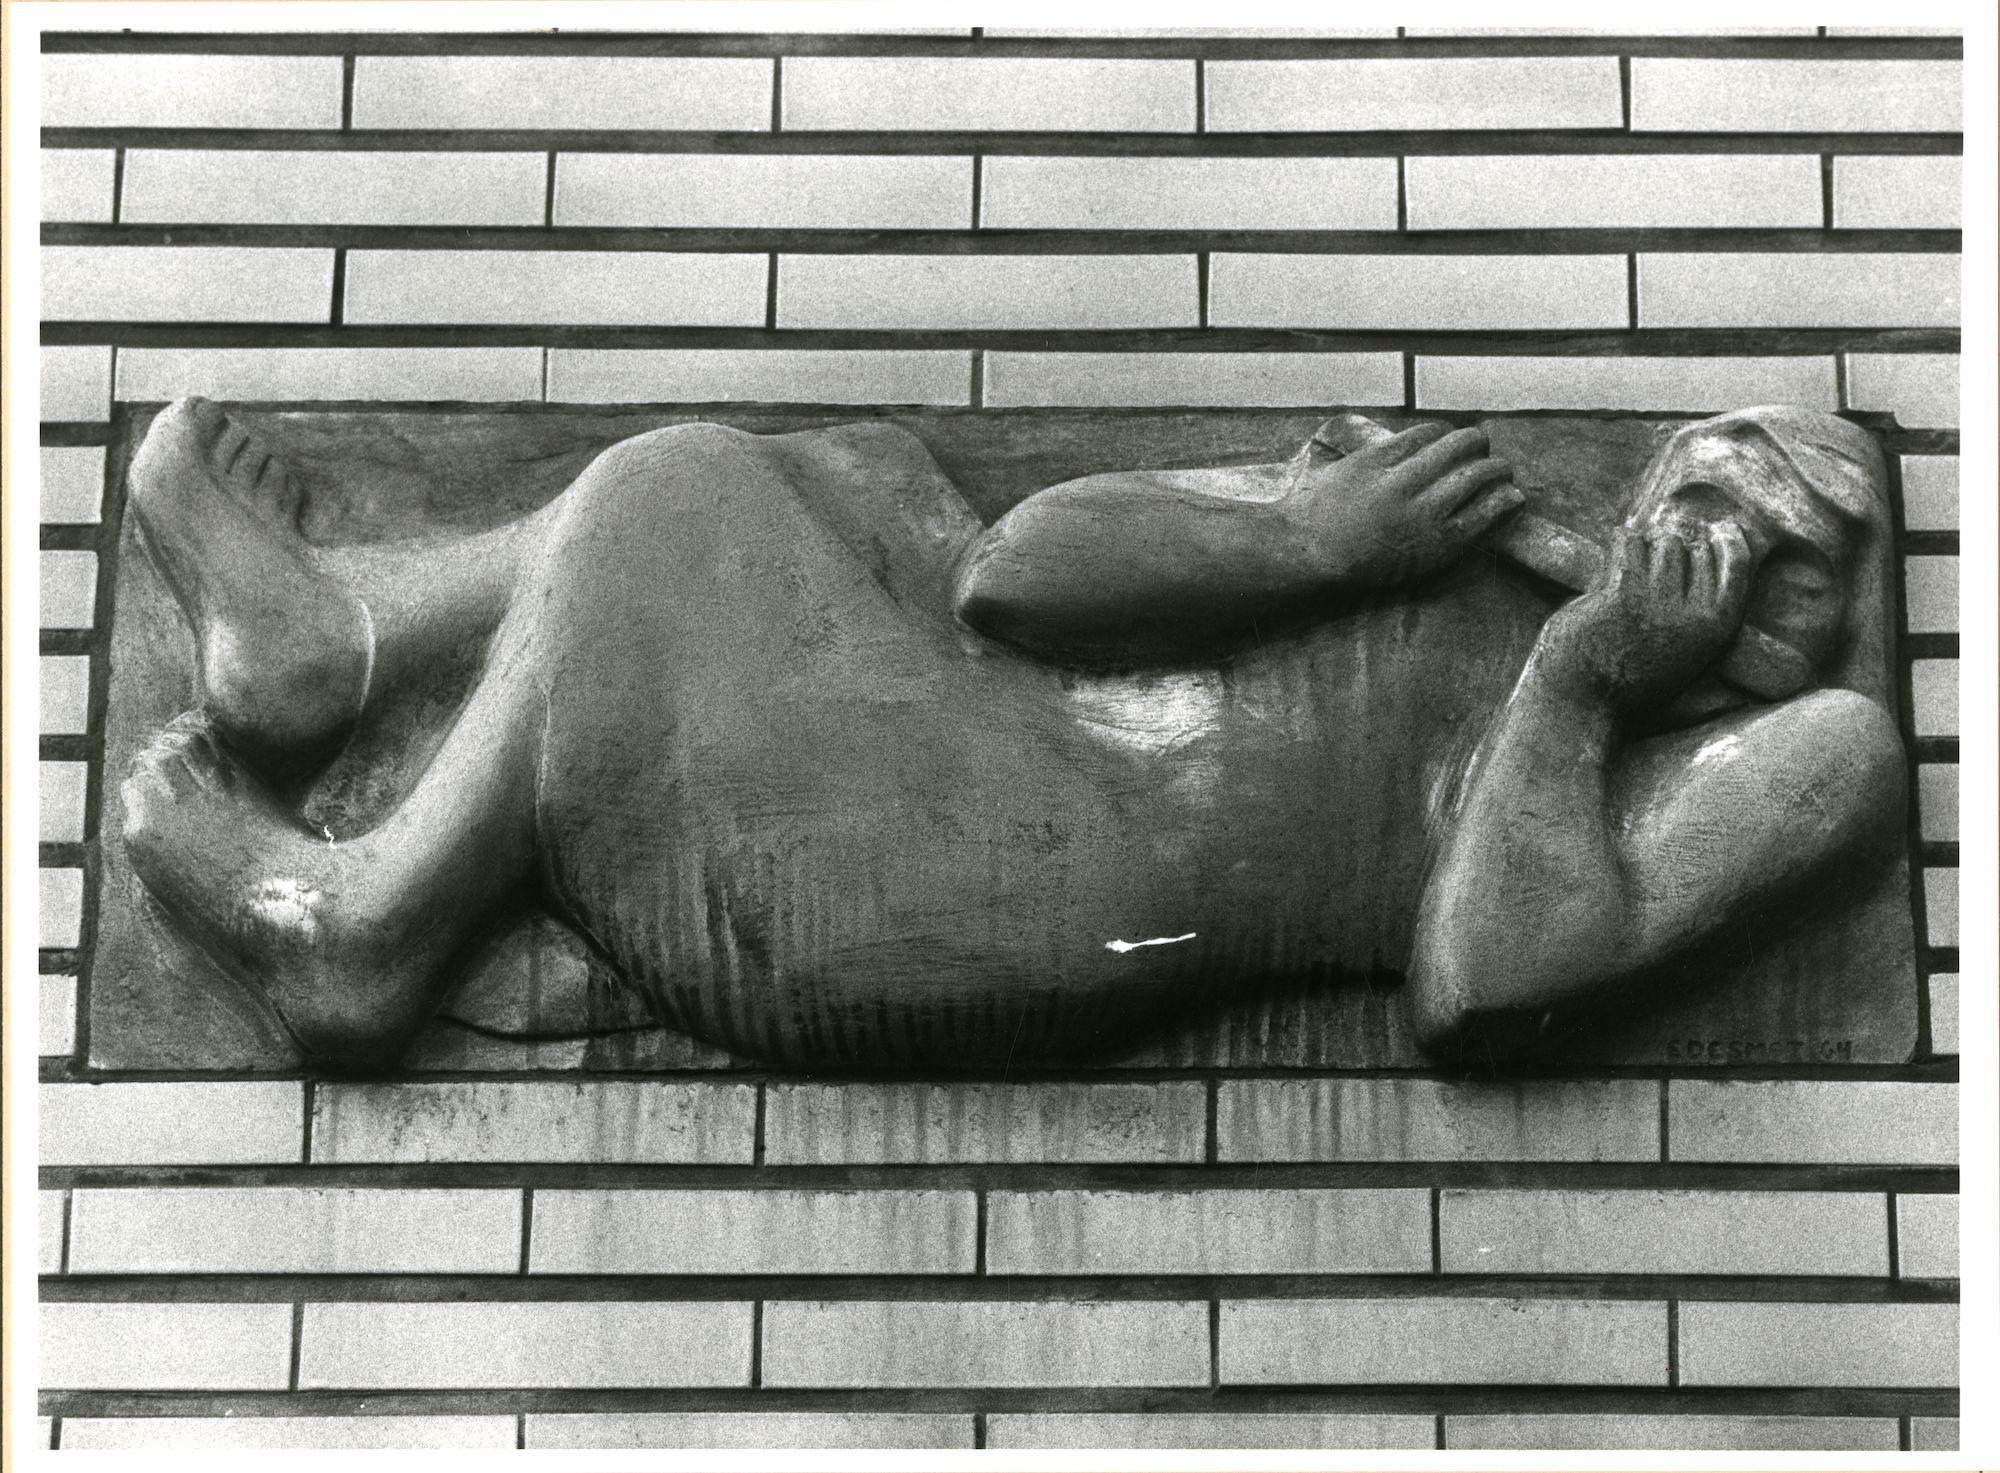 Gent: Doornzelestraat 30: reliëf: fluitspelende vrouw, 1980